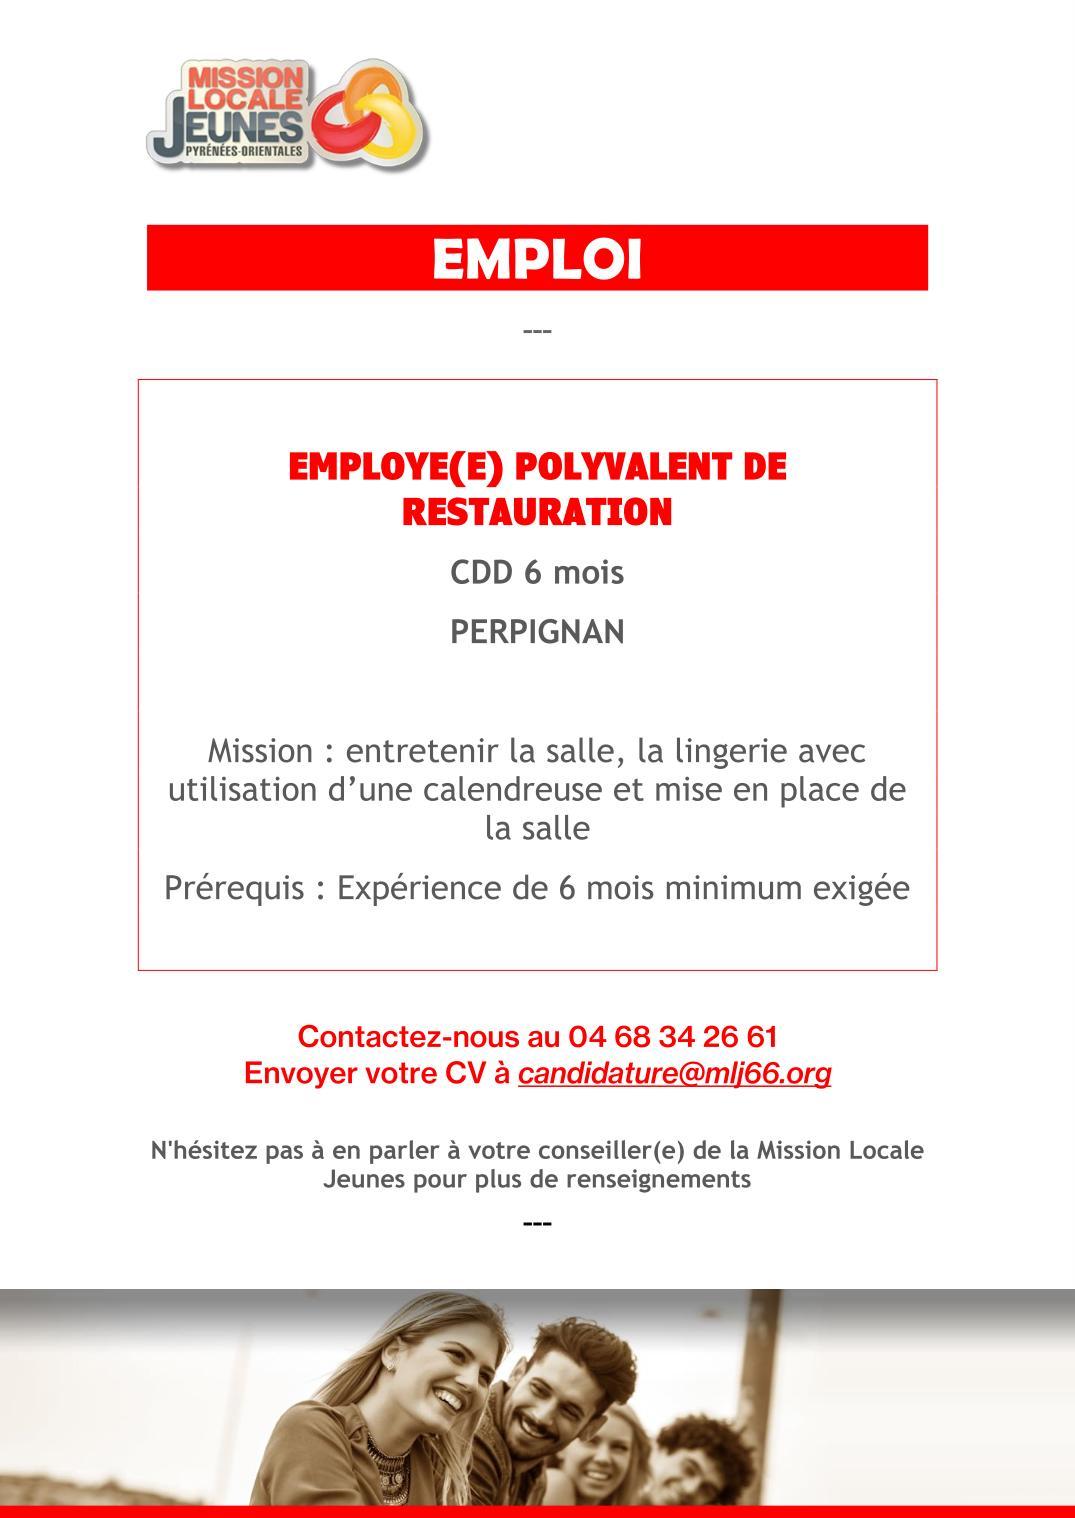 201802cht employe e polyvalente de restauration mission for Offre emploi agent de restauration